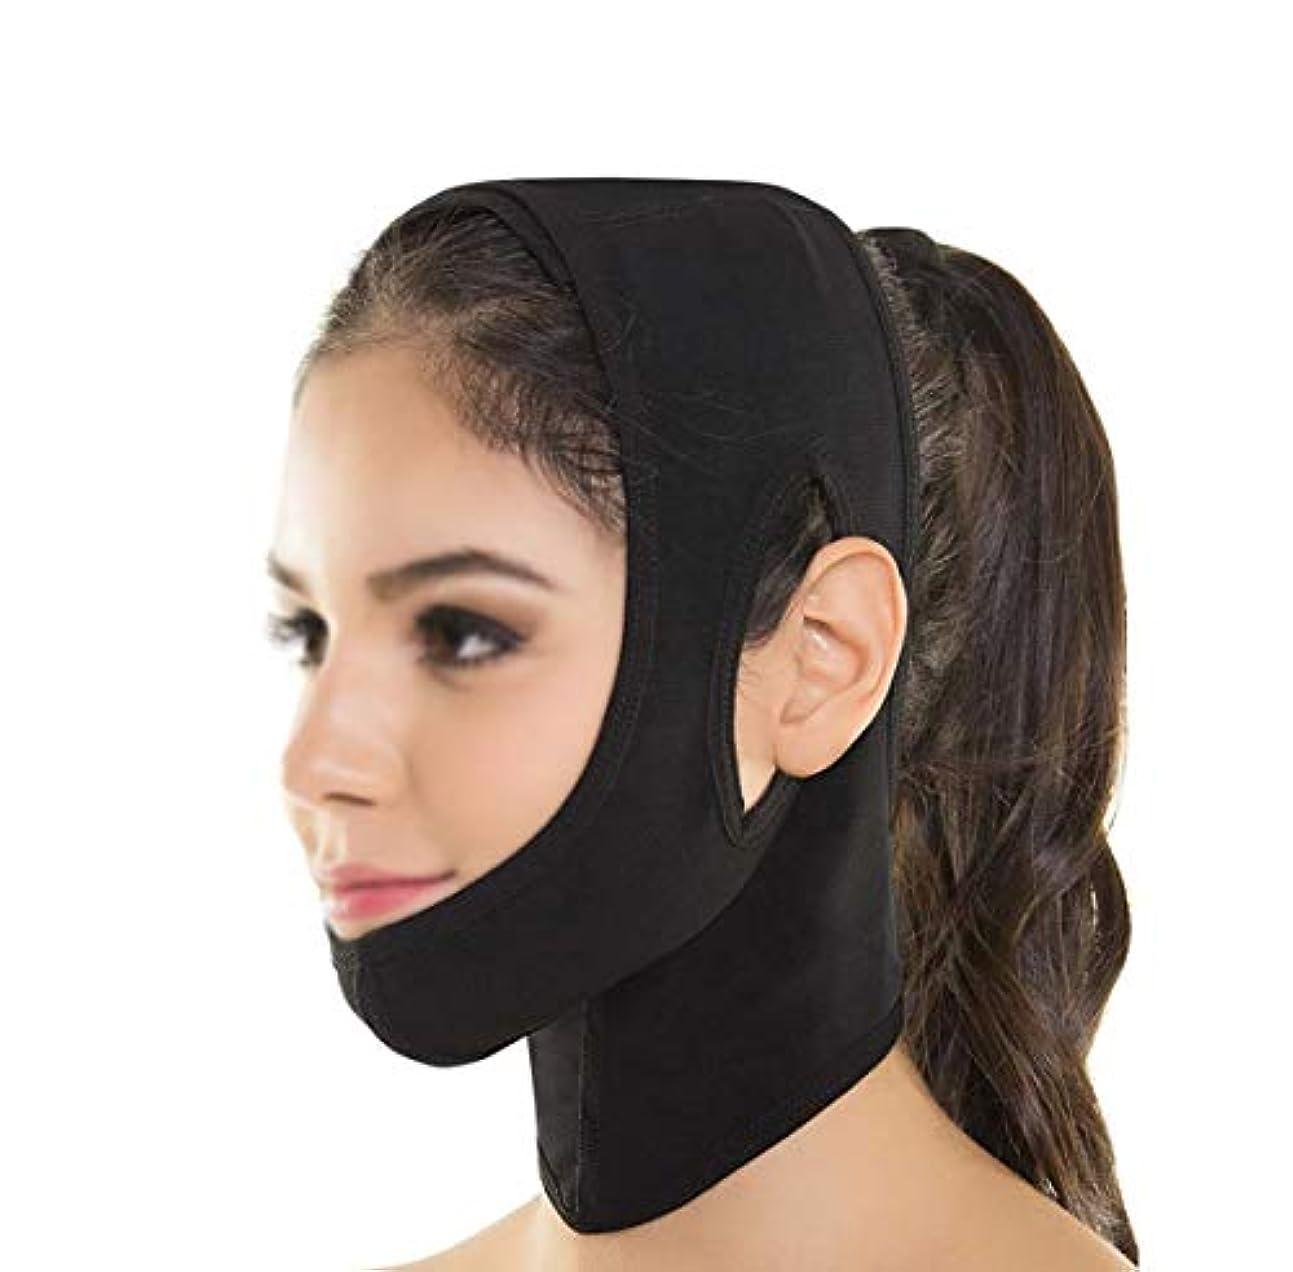 公式お香アスレチックGLJJQMY フェイシャルリフティングマスクシリコンVマスクリフティングマスクシンフェイスアーティファクトリフティングダブルチン術後包帯フェイシャル&ネックリフティング 顔用整形マスク (Color : Black)